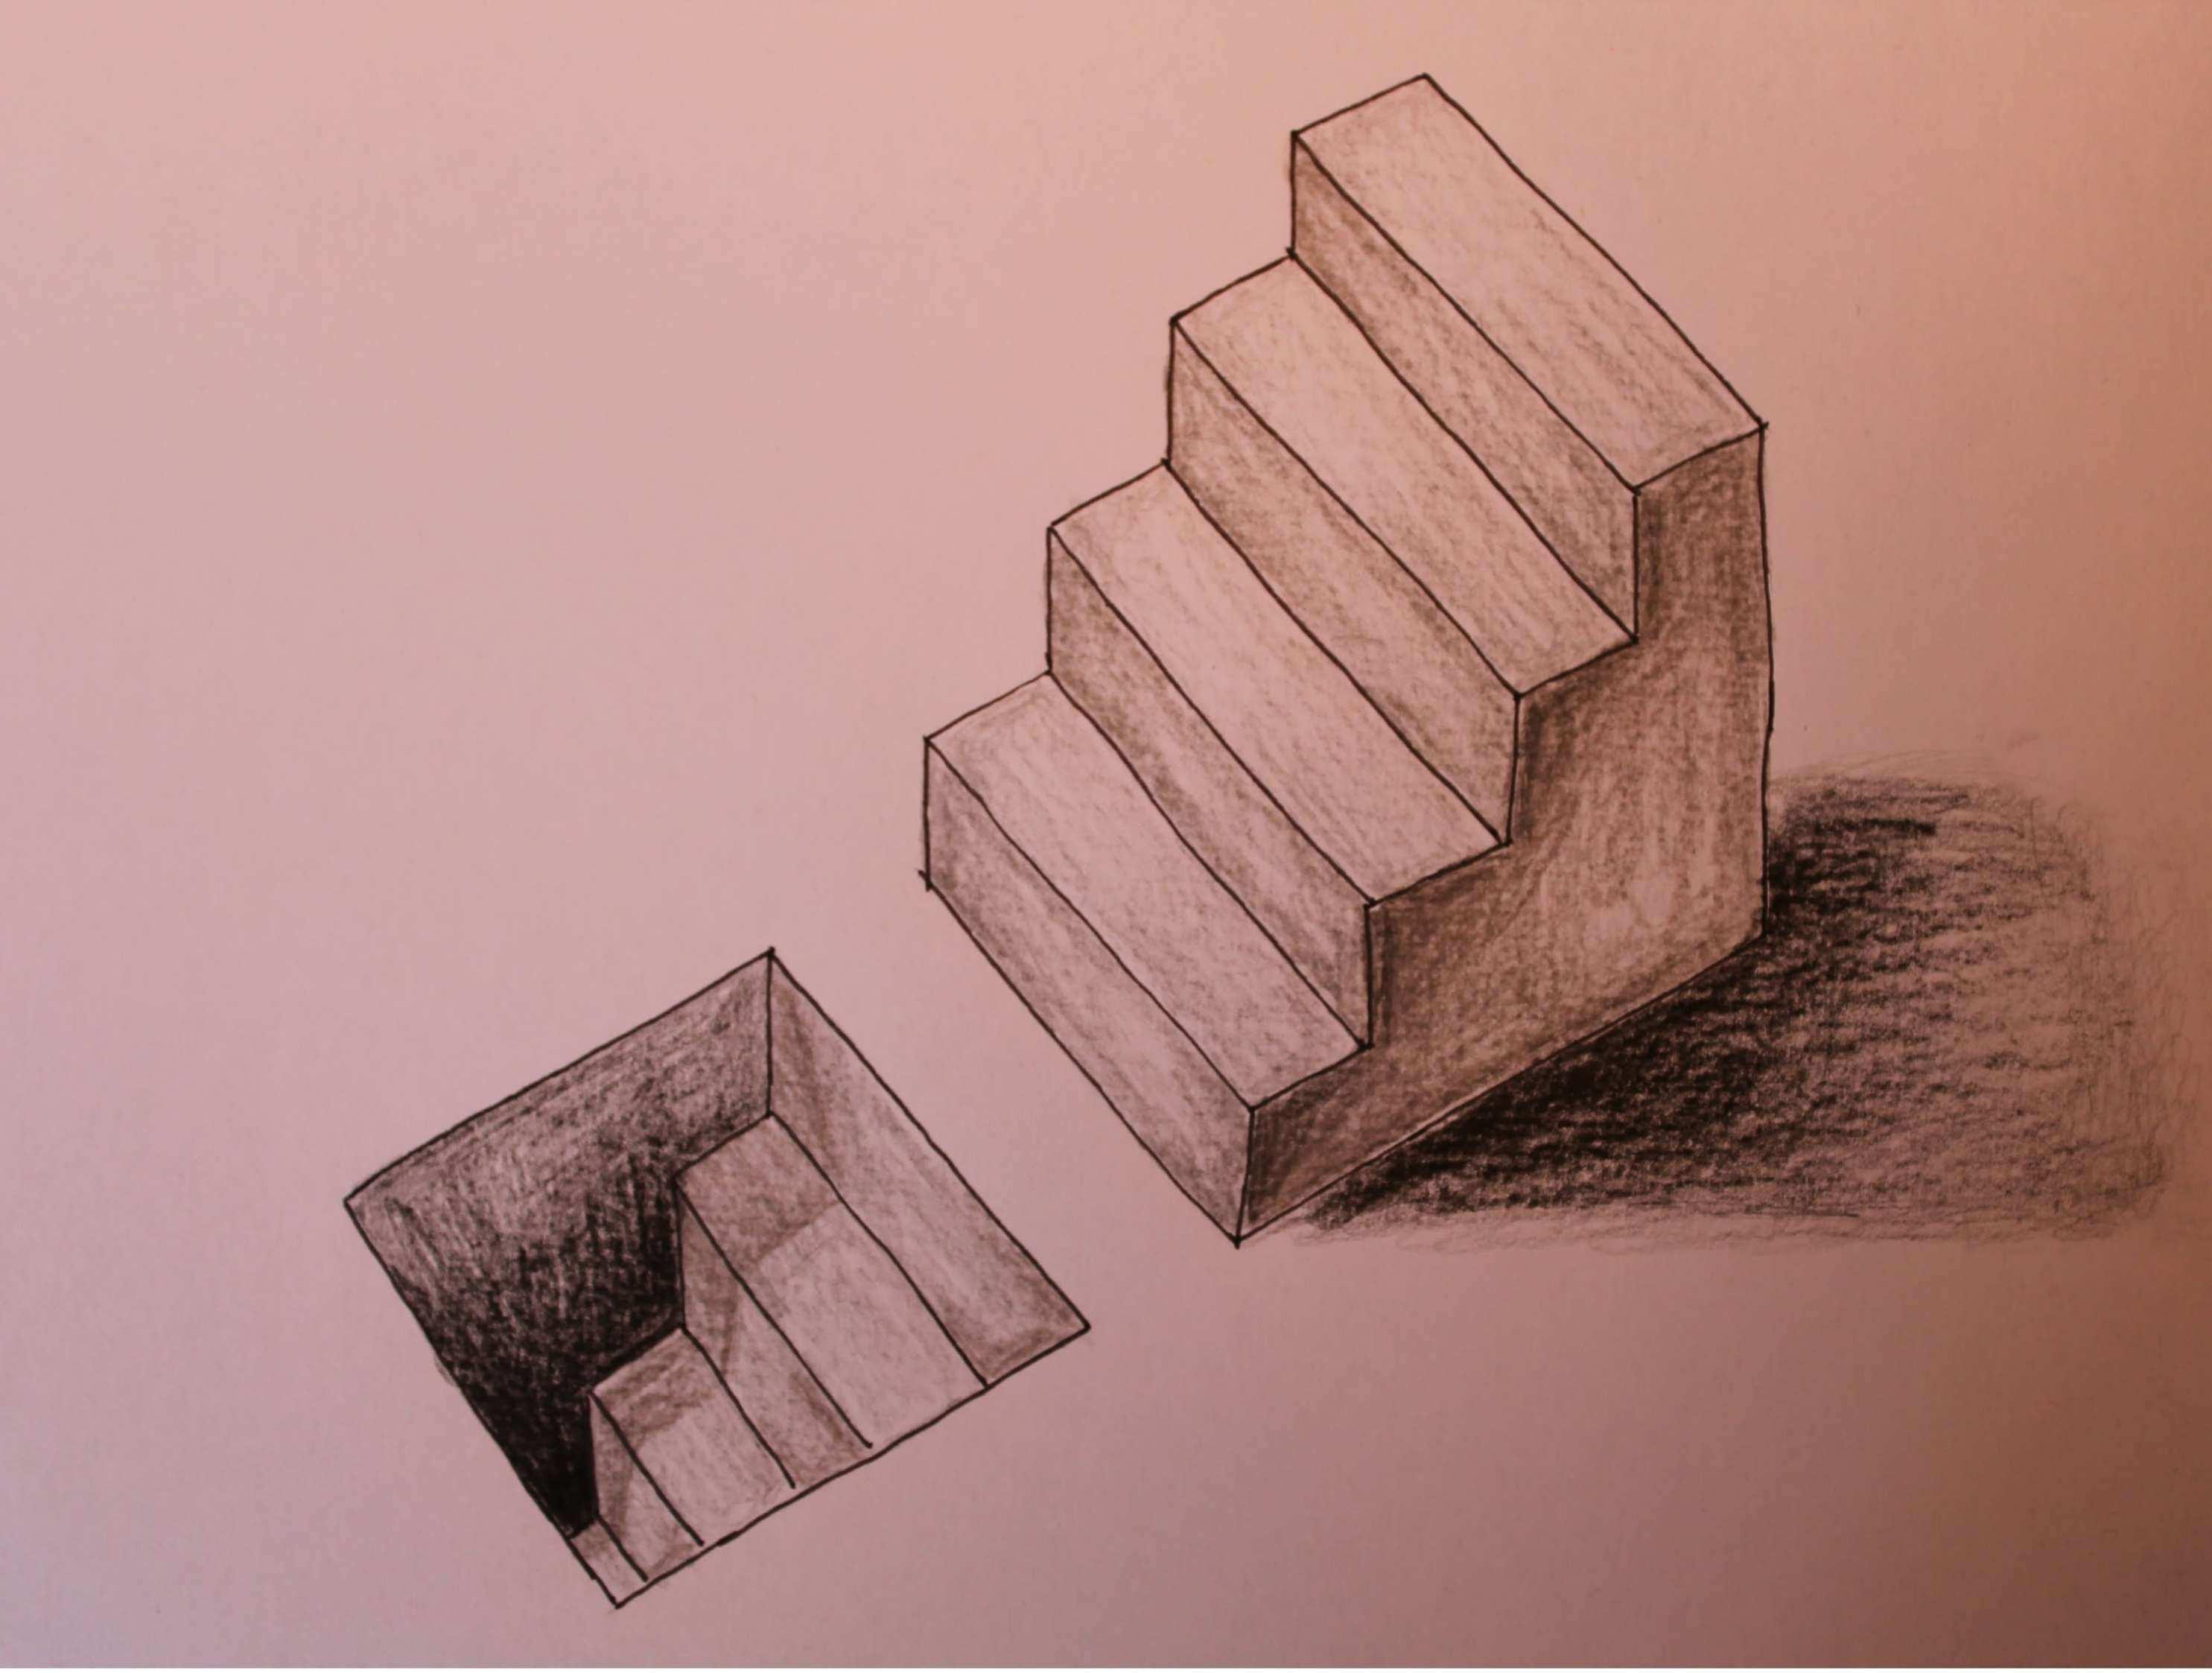 3d Raum Zeichnen Im Hinblick Auf Optische Illusion Treppe In 3d Youtube Raum Zeichnen Optische Illusionen Treppe Zeichnen